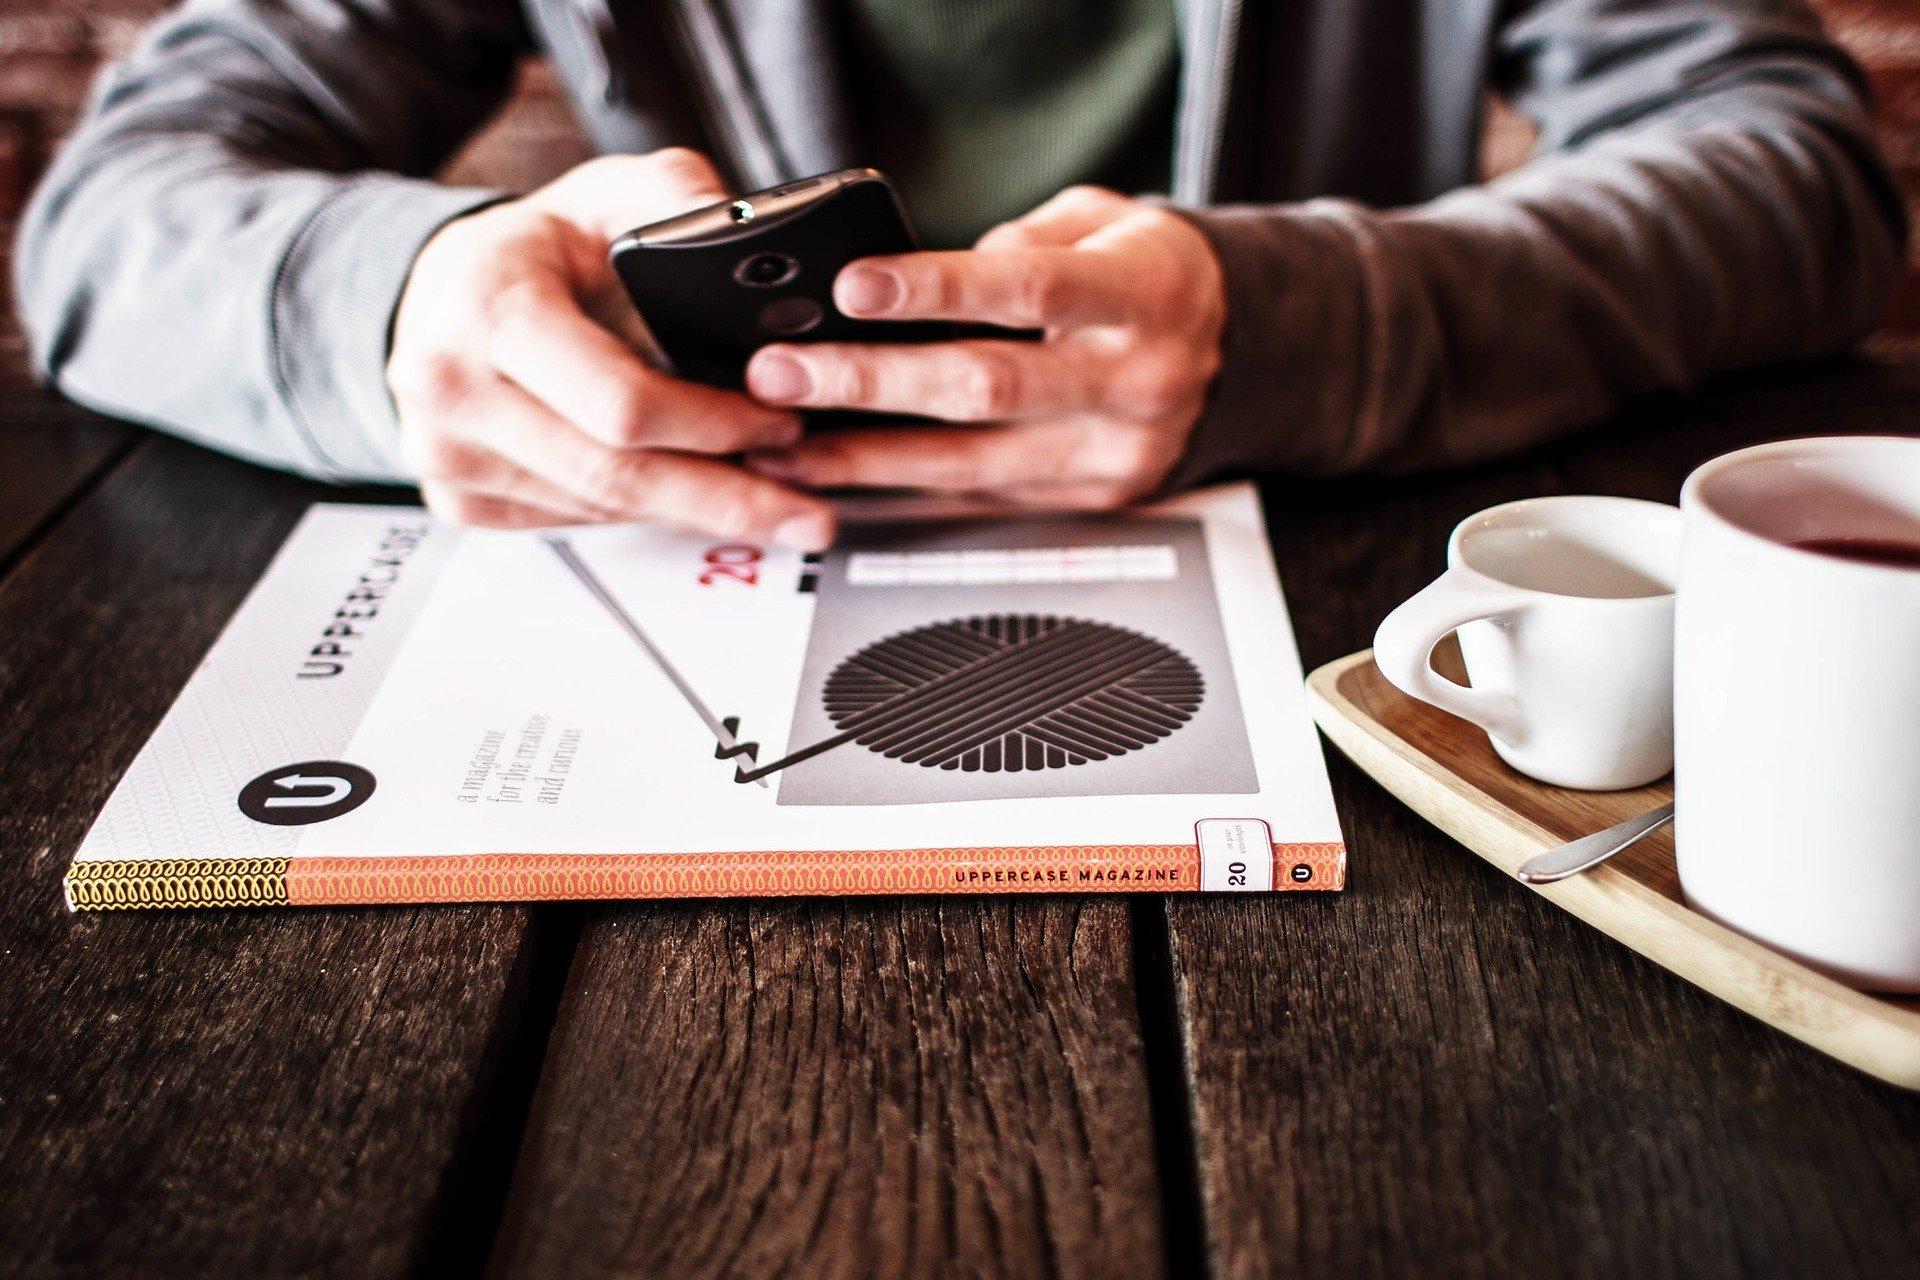 翻訳 自動 会議通訳者から見た自動通訳機および自動通訳アプリ——専門用語編